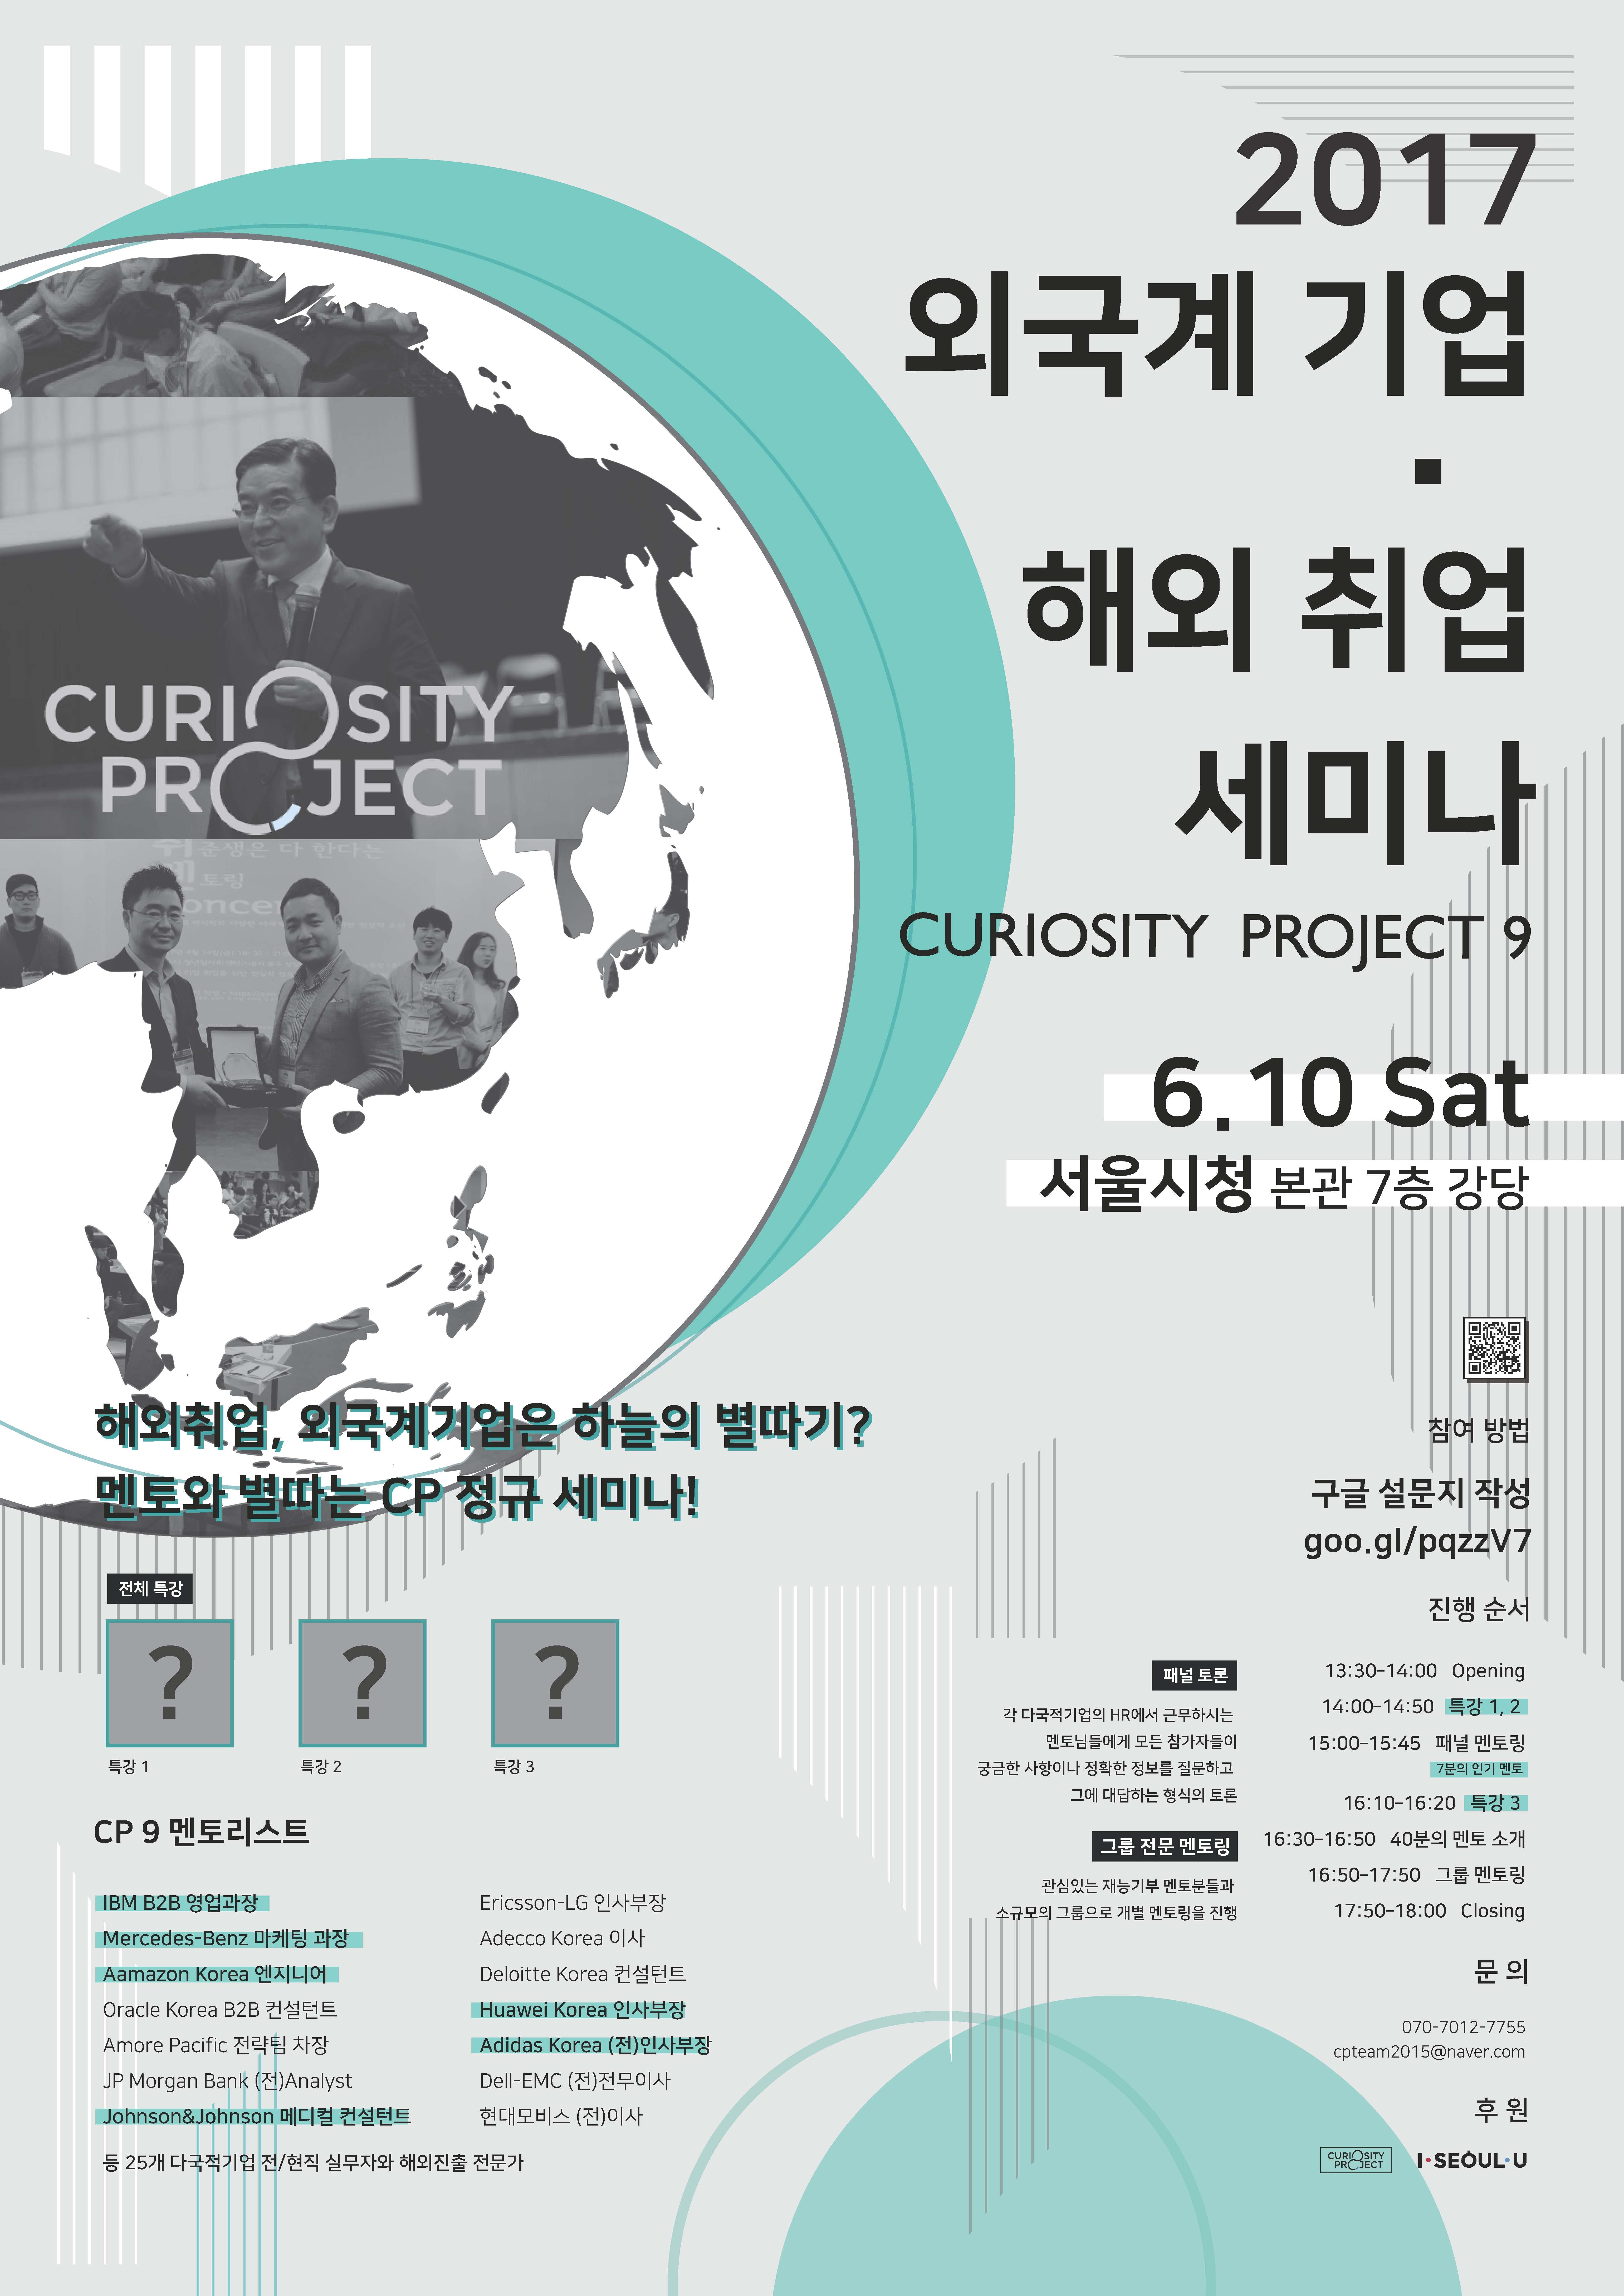 외국계기업/해외취업 세미나 Curiosity Project 9